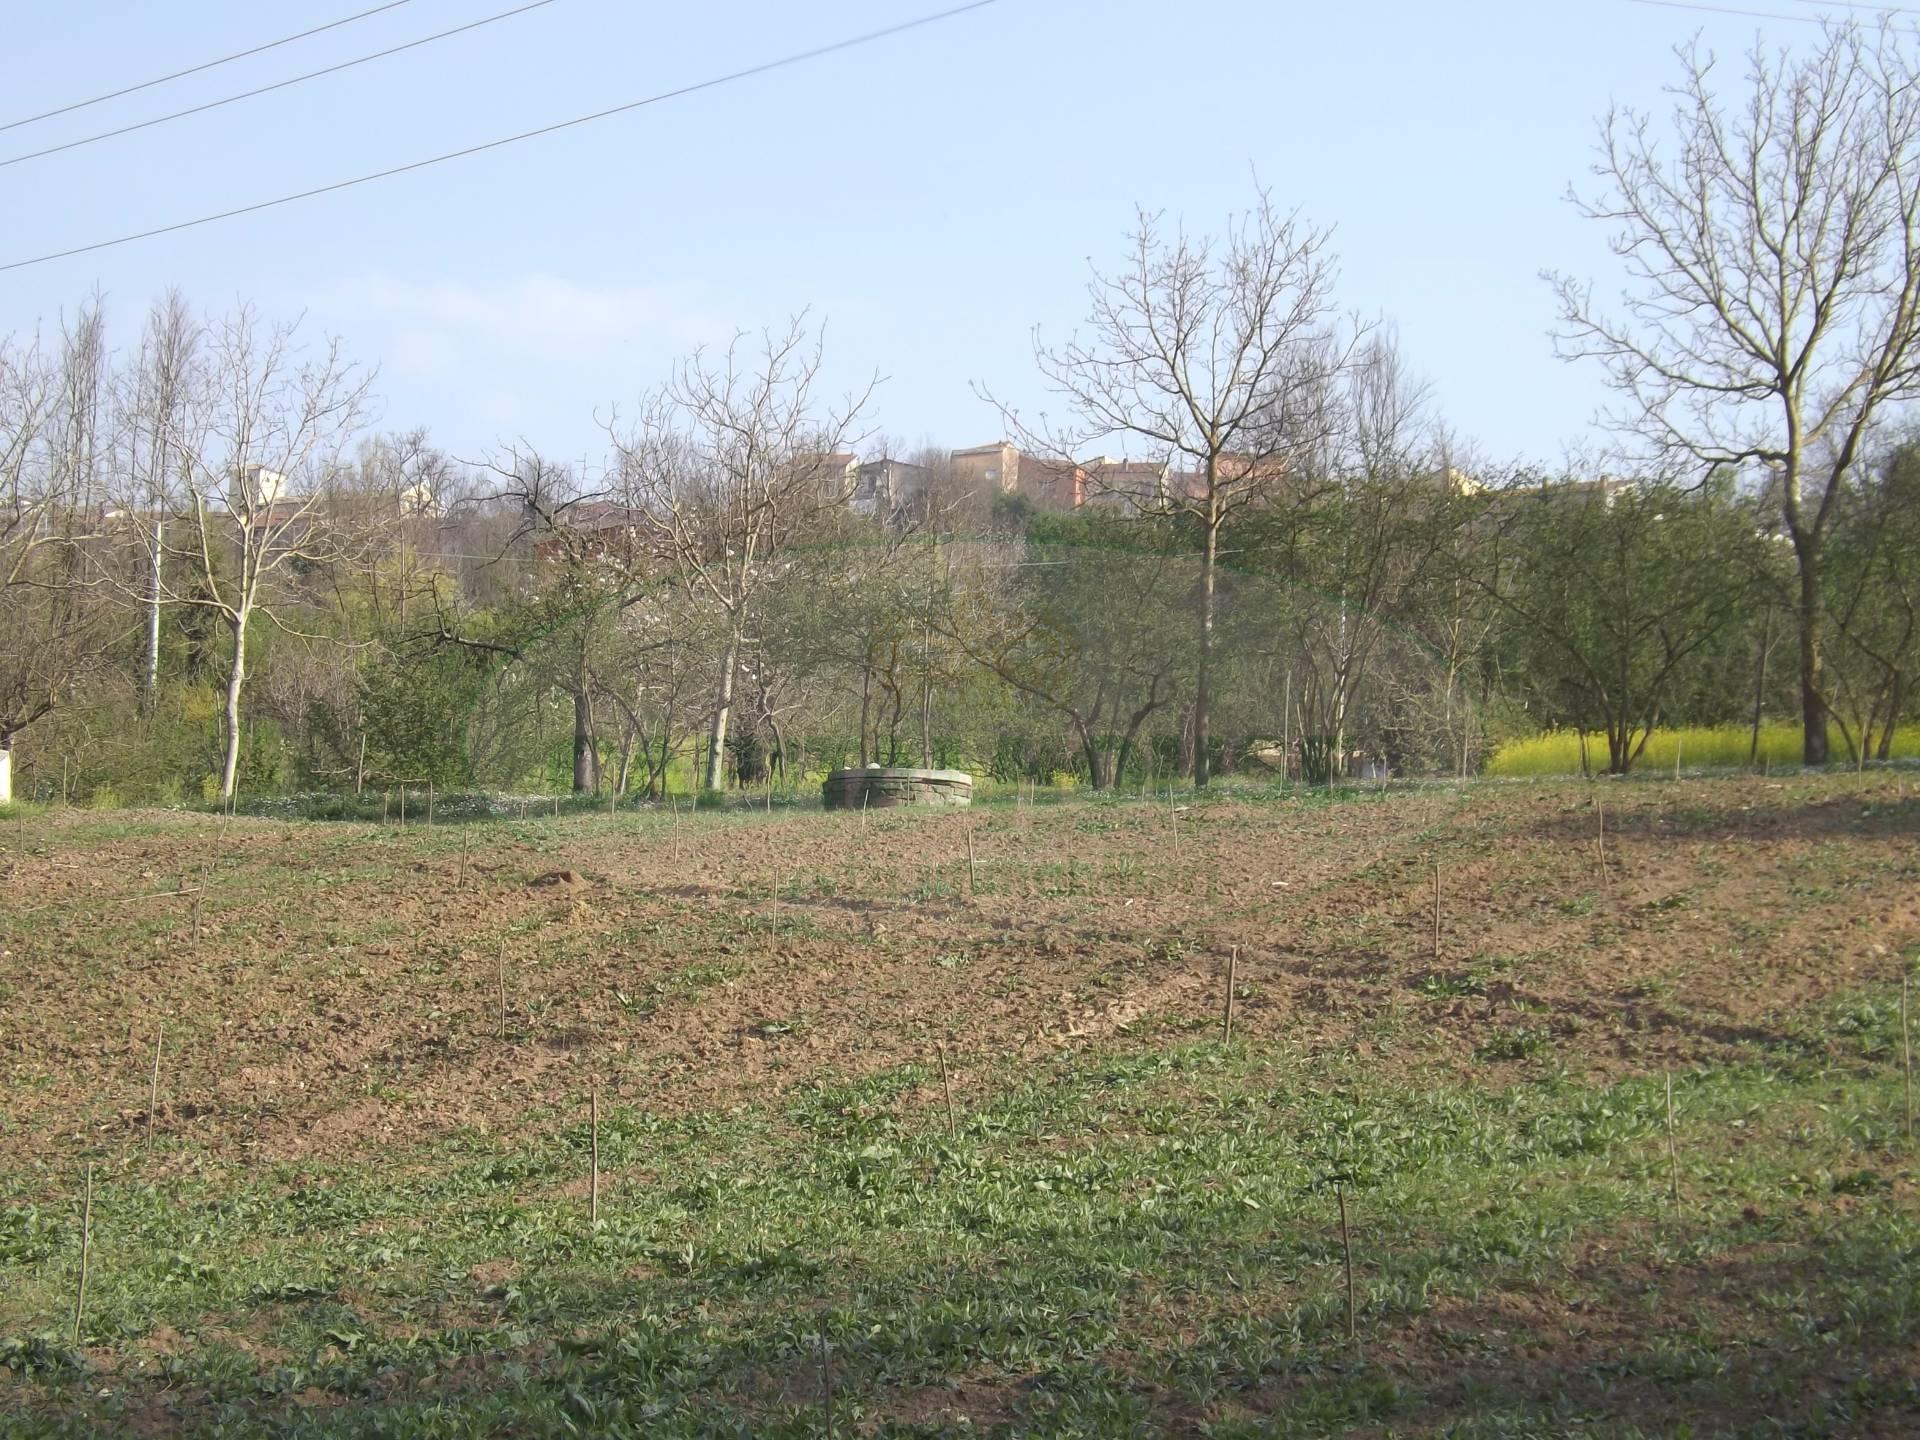 Terreno Agricolo in vendita a Manocalzati, 9999 locali, prezzo € 24.000 | CambioCasa.it